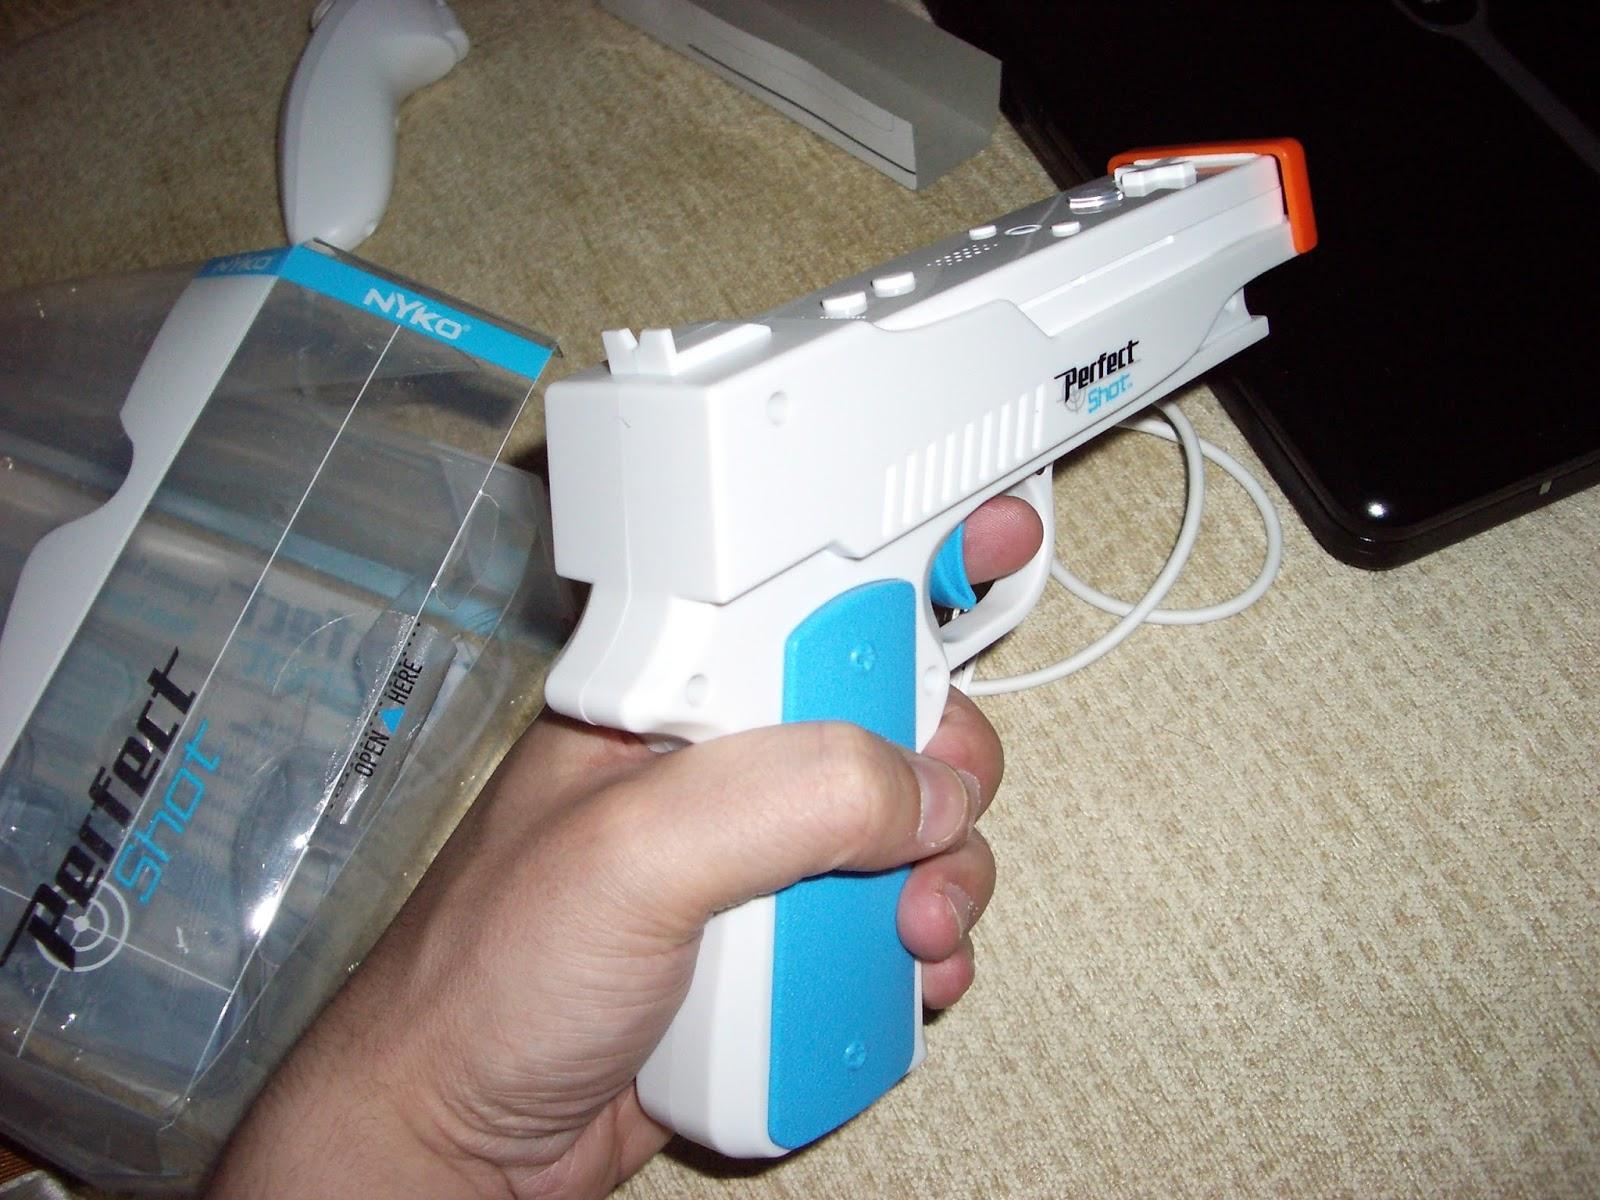 Detalle de la pistola